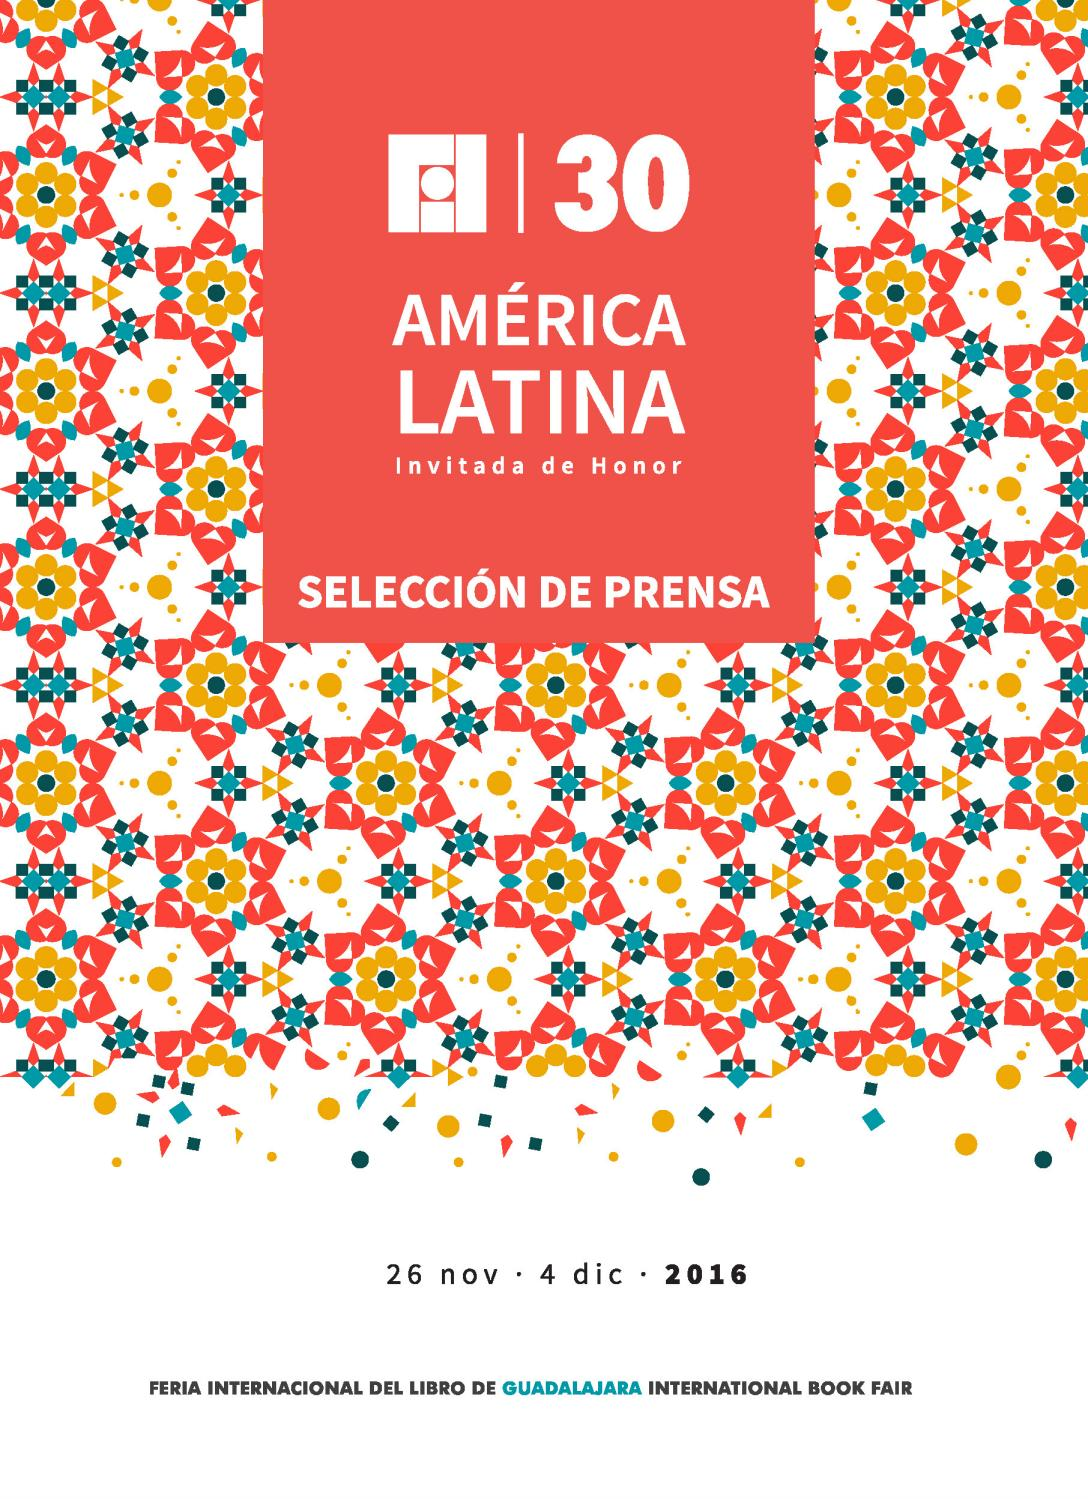 Selección de prensa FIL 2016 by Feria Internacional del Libro de  Guadalajara FIL - issuu